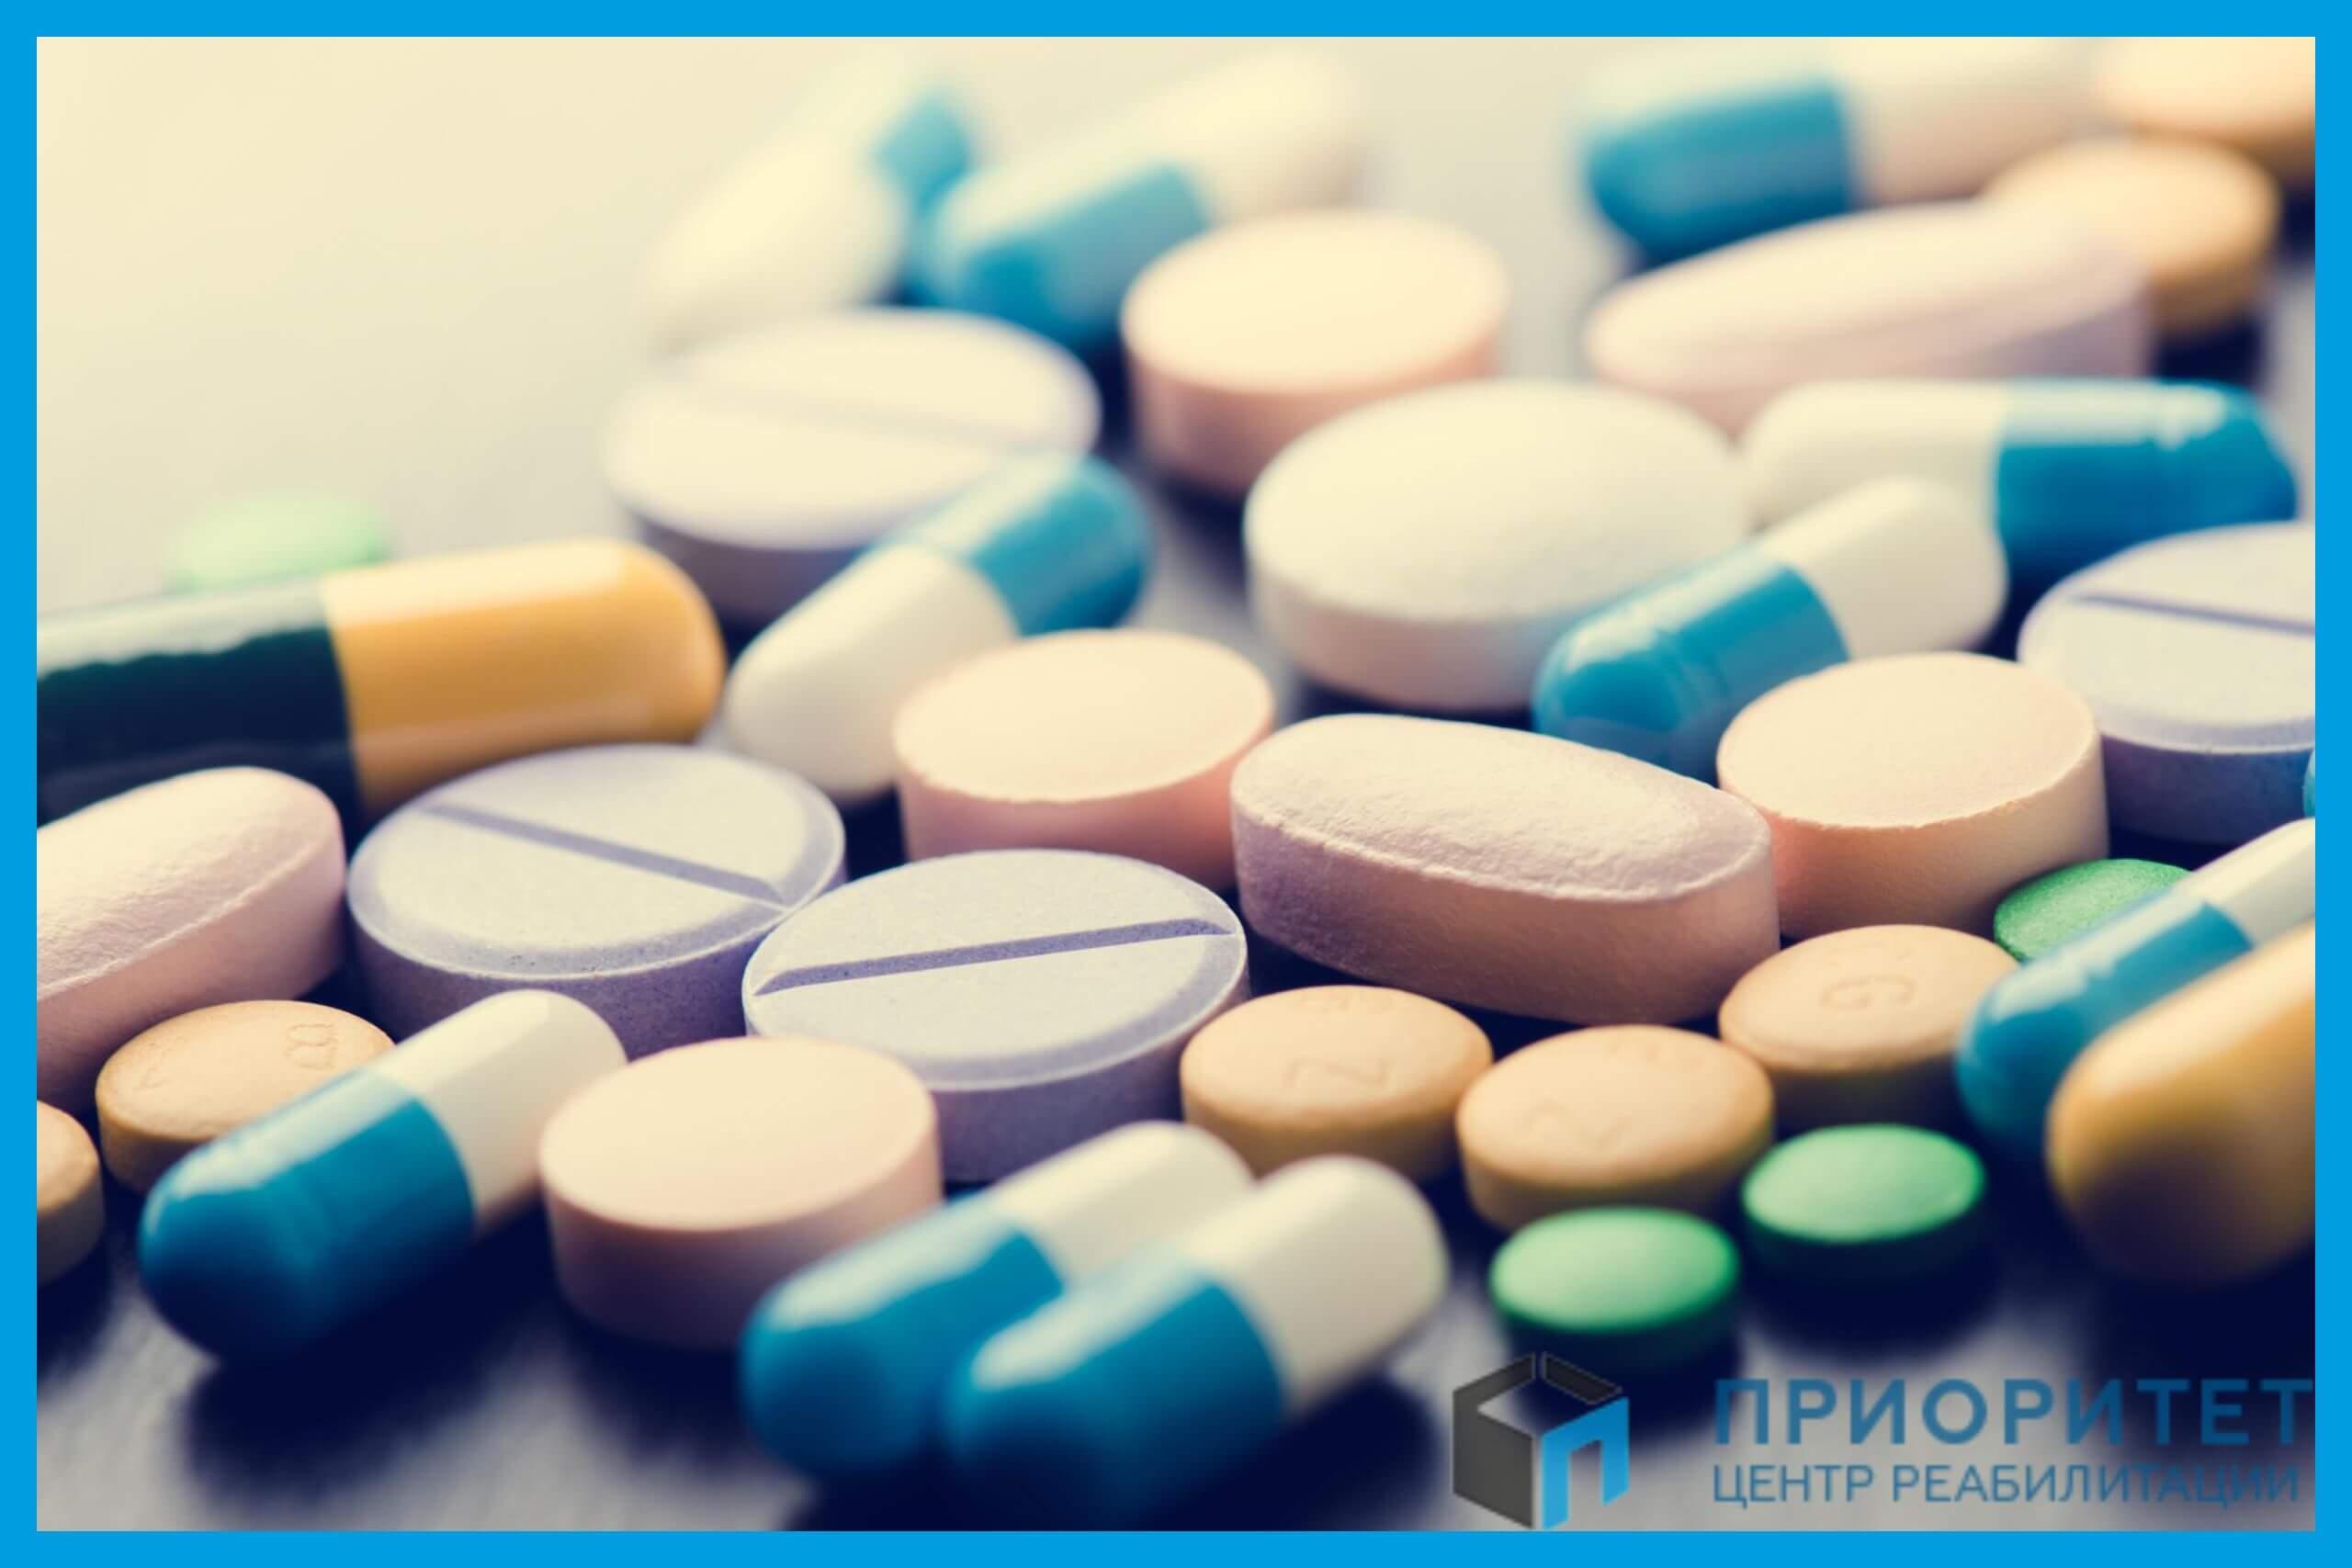 Лечение наркозависимости в Днепре